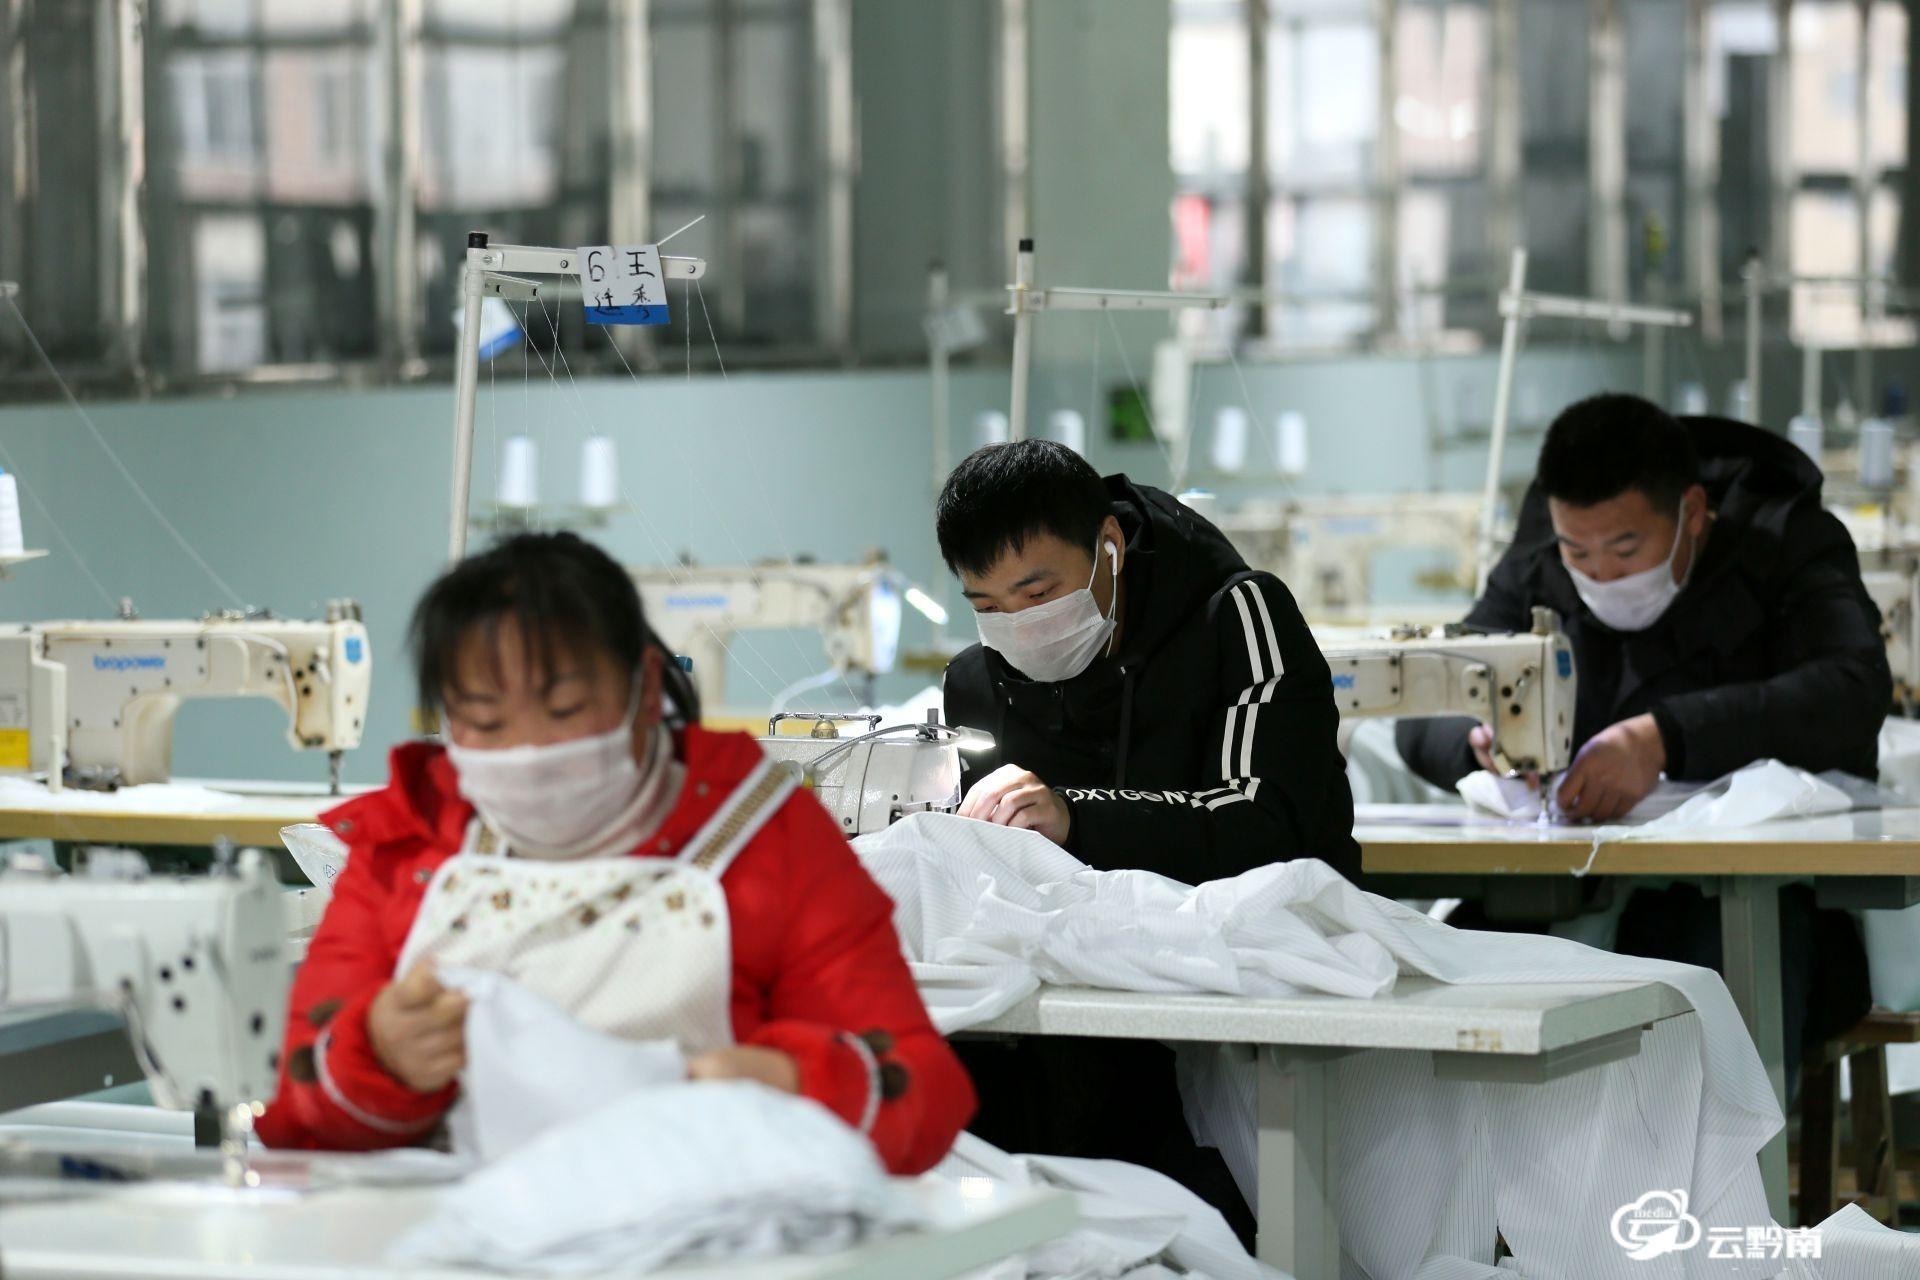 福泉:赶制订单防疫情